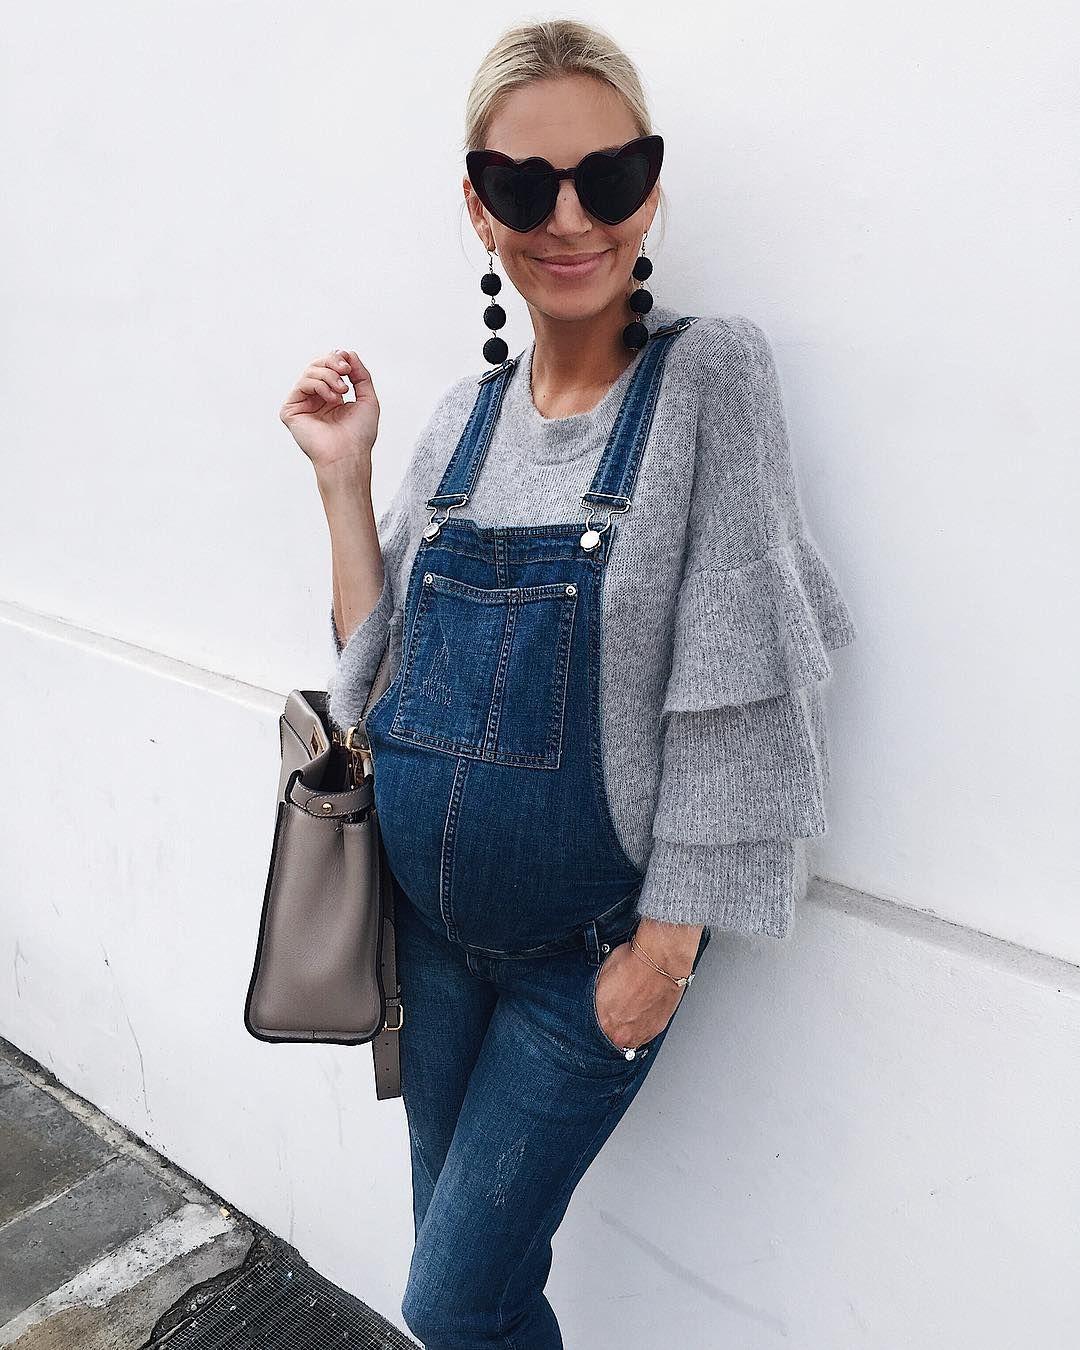 66d350b568 Gestante com macaco jeans . Moda para gestantes. Roupa para gestante e  gravida  gravidez  gravida mamae fash…